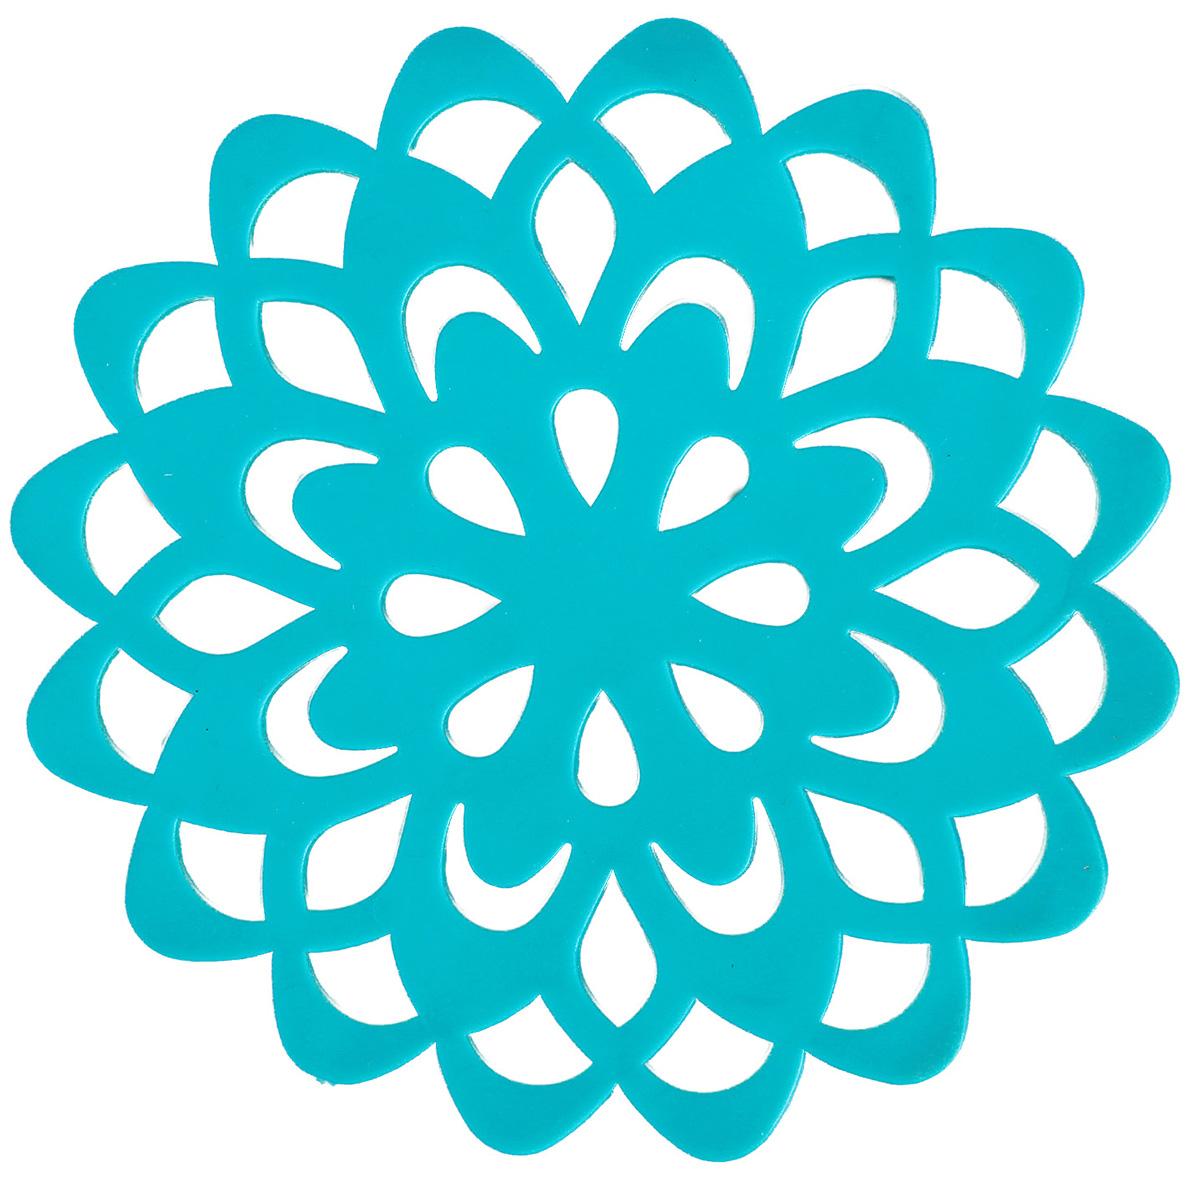 Набор подставок под горячее Доляна Воспоминание, цвет: голубой, диаметр 10 см, 4 шт1153293_голубойНабор Доляна Воспоминание состоит из 4 силиконовых подставок под горячее. Силиконовая подставка под горячее - практичный предмет, который обязательно пригодится в хозяйстве. Изделие поможет сберечь столы, тумбы, скатерти и клеёнки от повреждения нагретыми сковородами, кастрюлями, чайниками и тарелками.